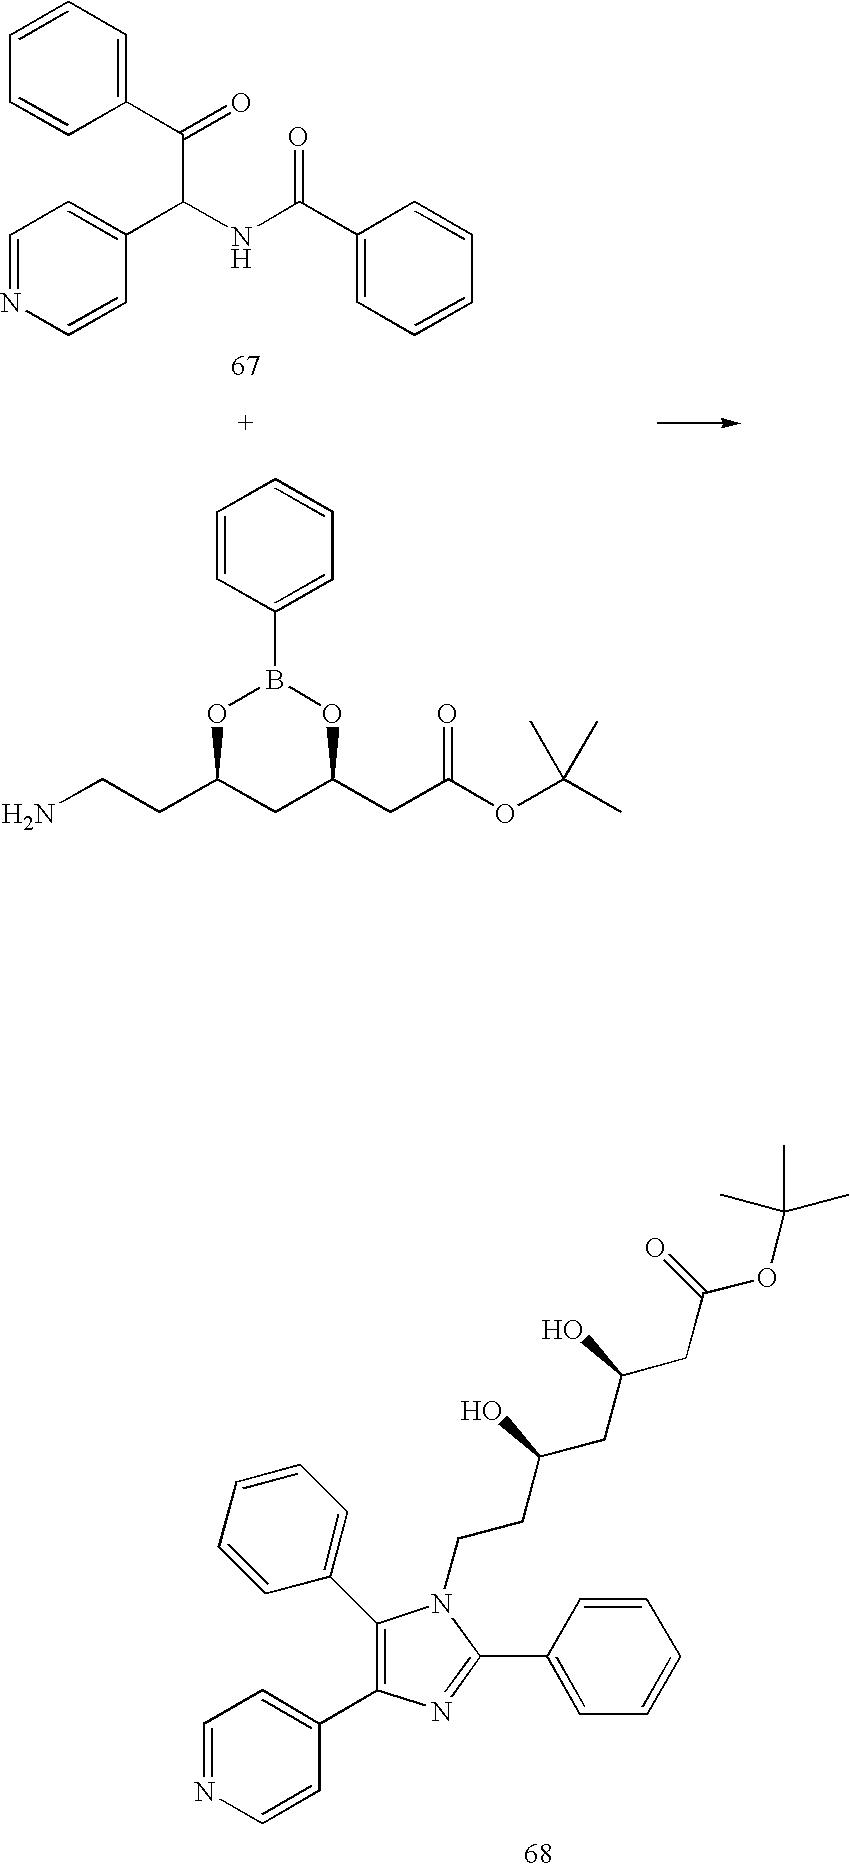 Figure US07183285-20070227-C00194